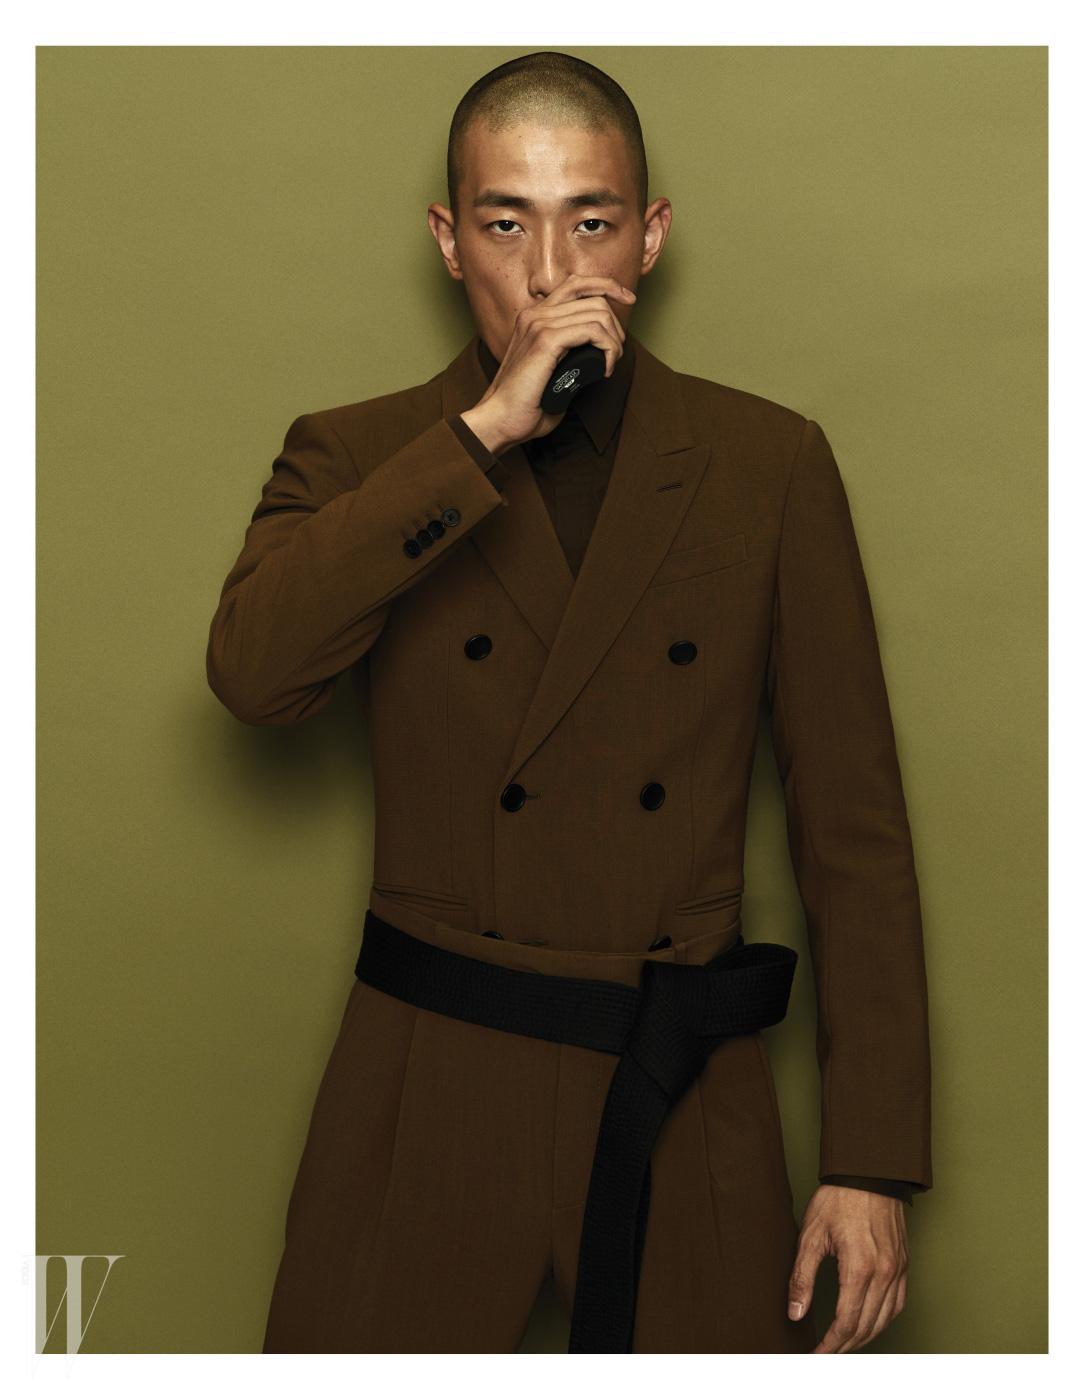 밀리터리 유니폼 스타일의 재킷과 셔츠, 팬츠는 모두 Balenciaga 제품.